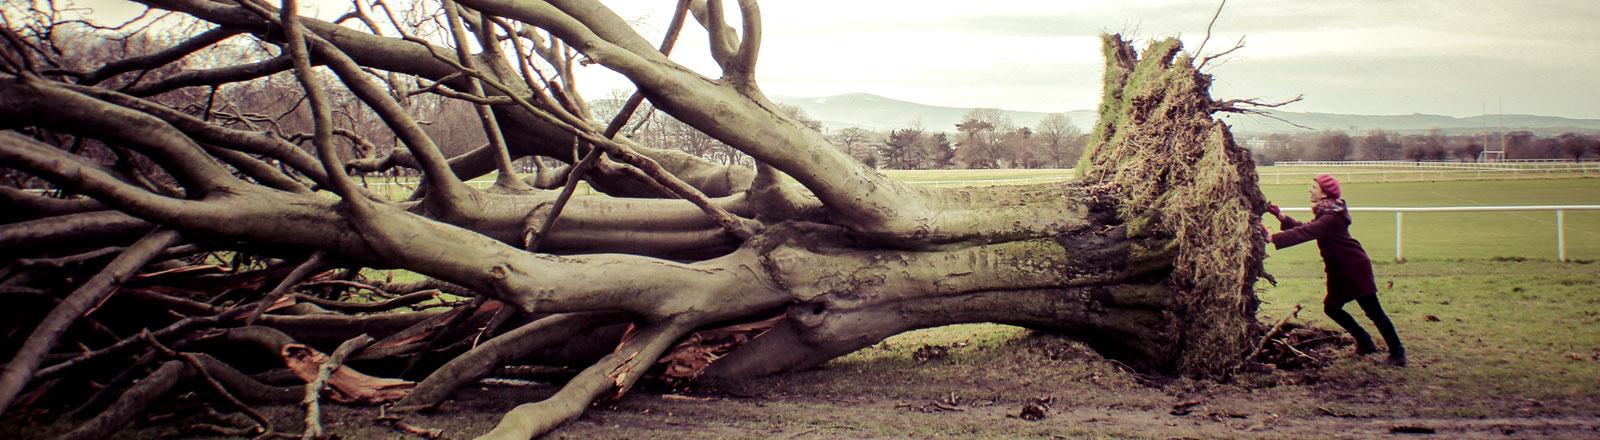 Eine Frau versucht einen entwurzelten Baum wegzuschieben